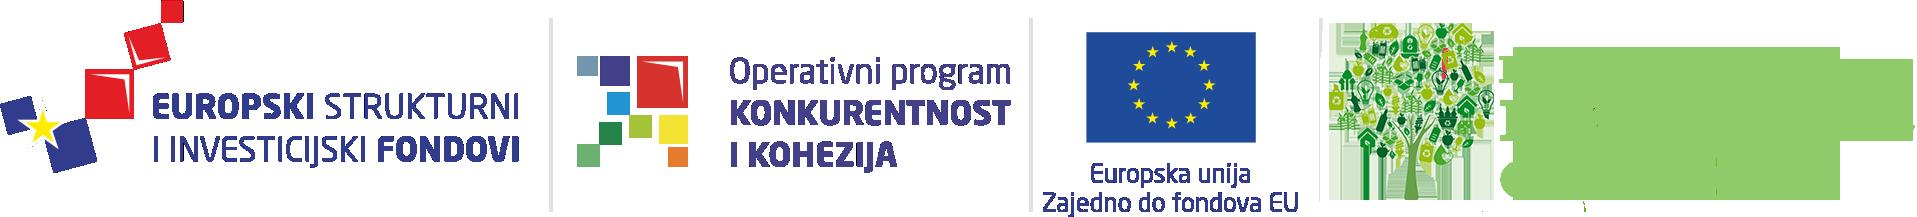 reciklazno-dvoriste-cepin-logo-eu